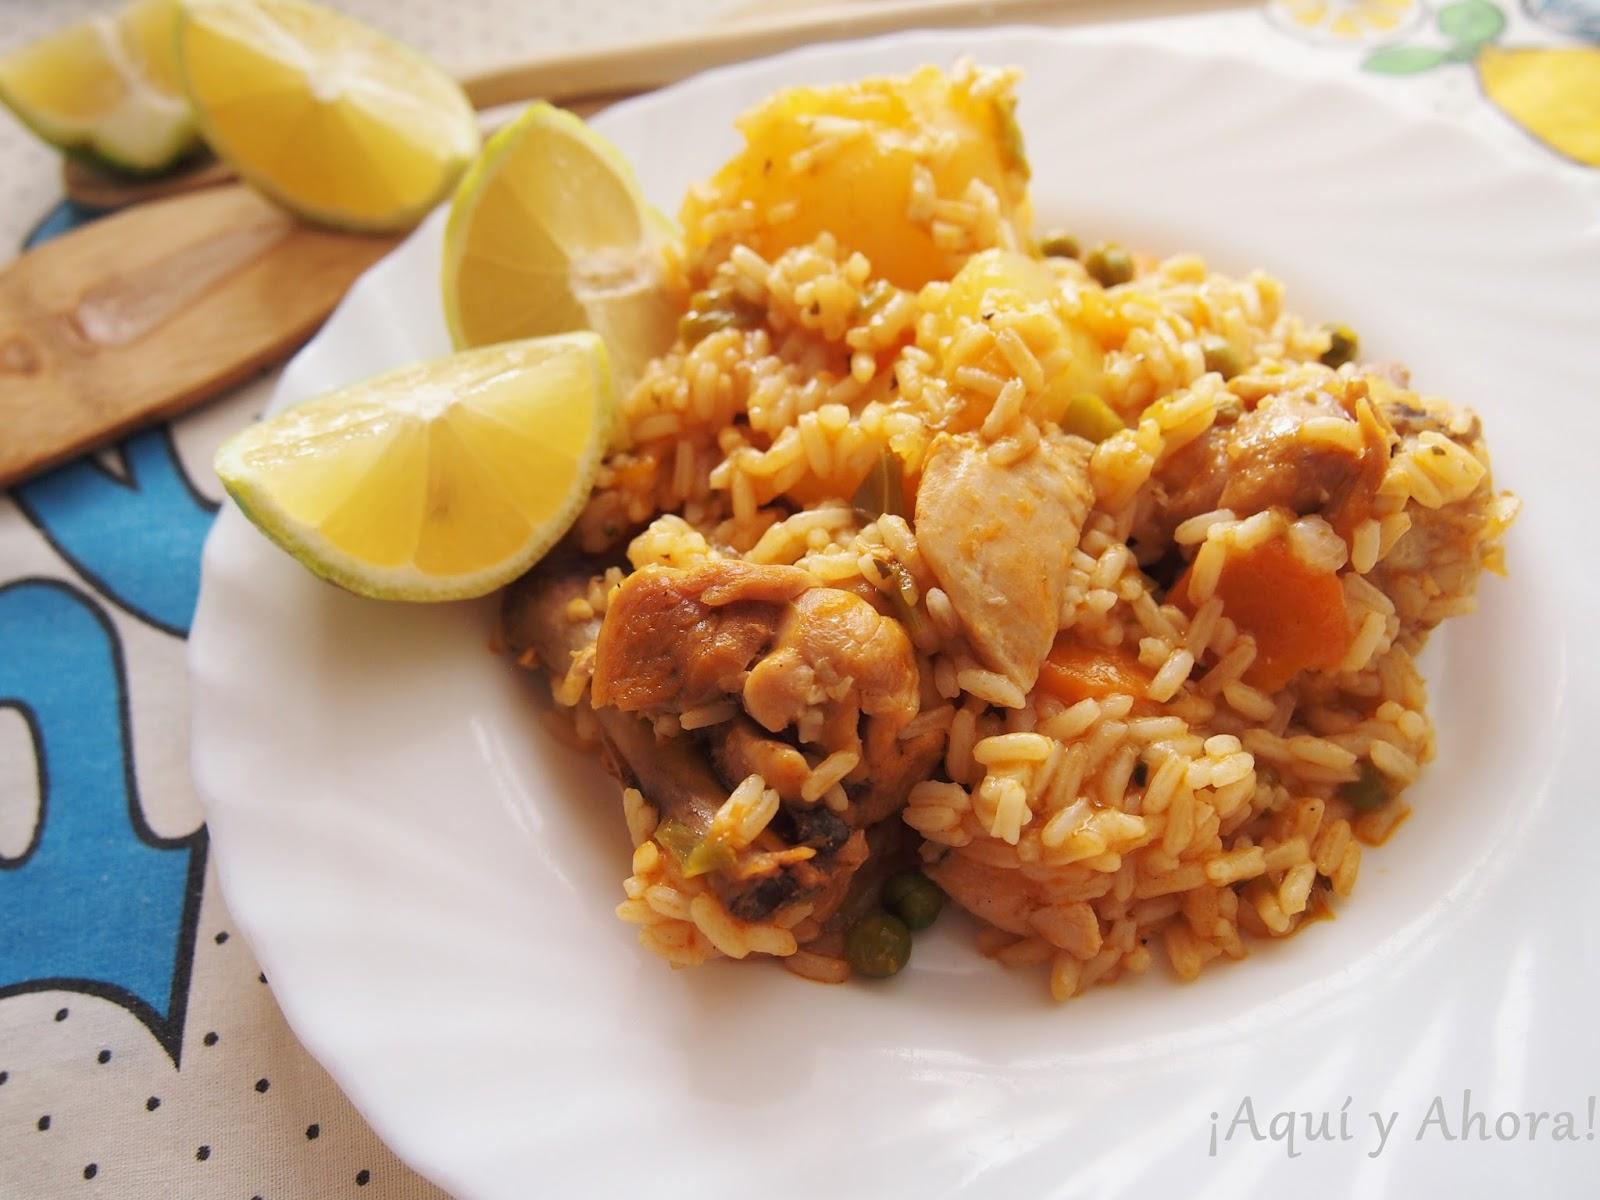 Aqu y ahora arroz con pollo en olla express - Judias pintas con arroz olla express ...